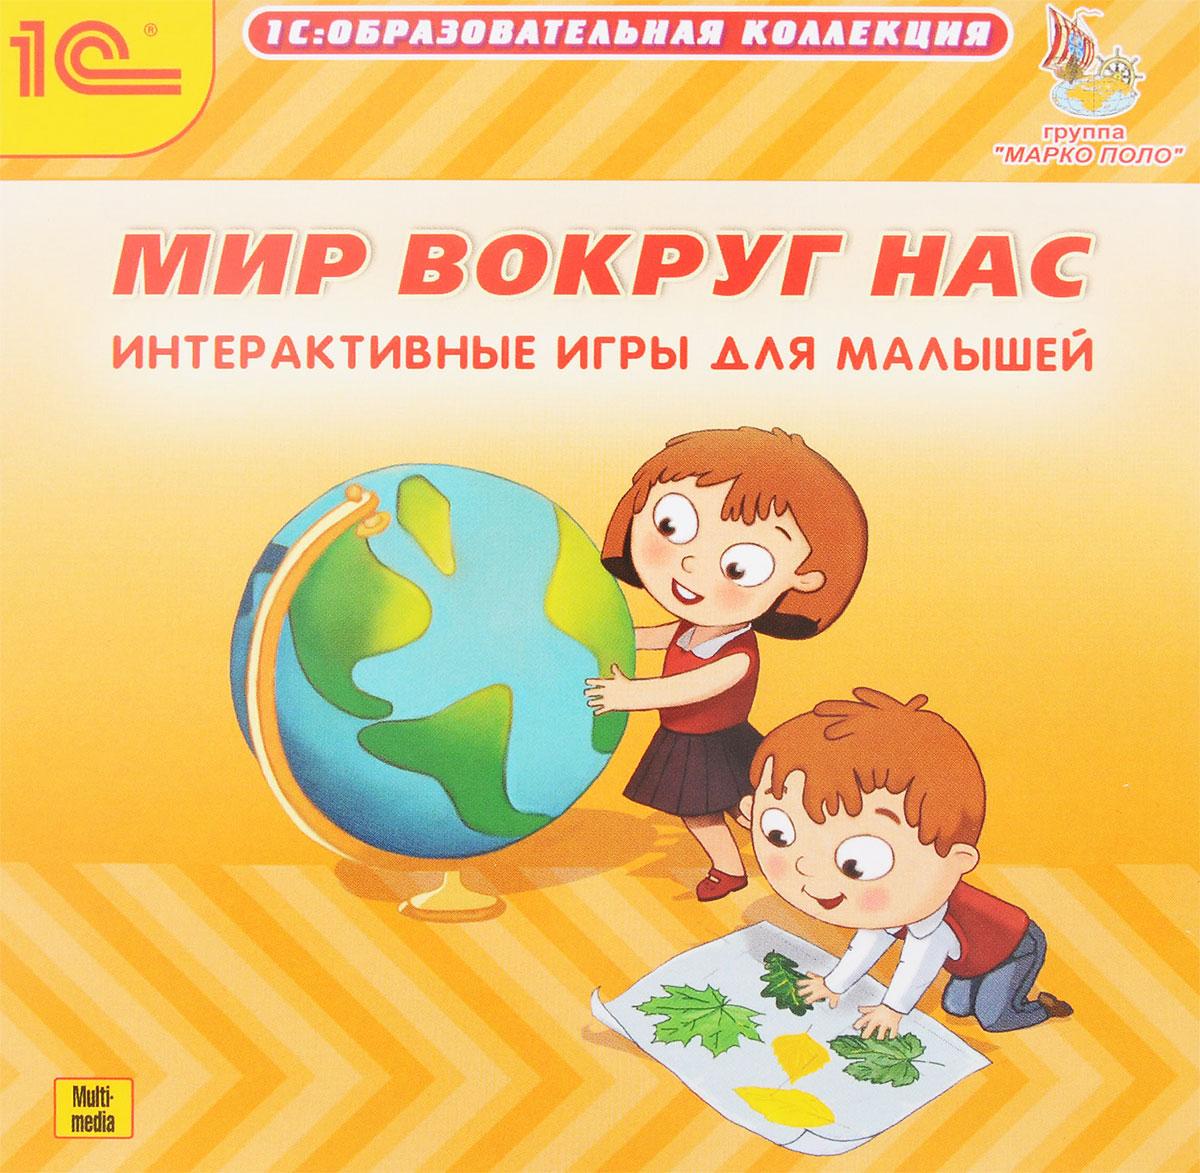 1С: Образовательная коллекция. Мир вокруг нас. Интерактивные игры для малышей